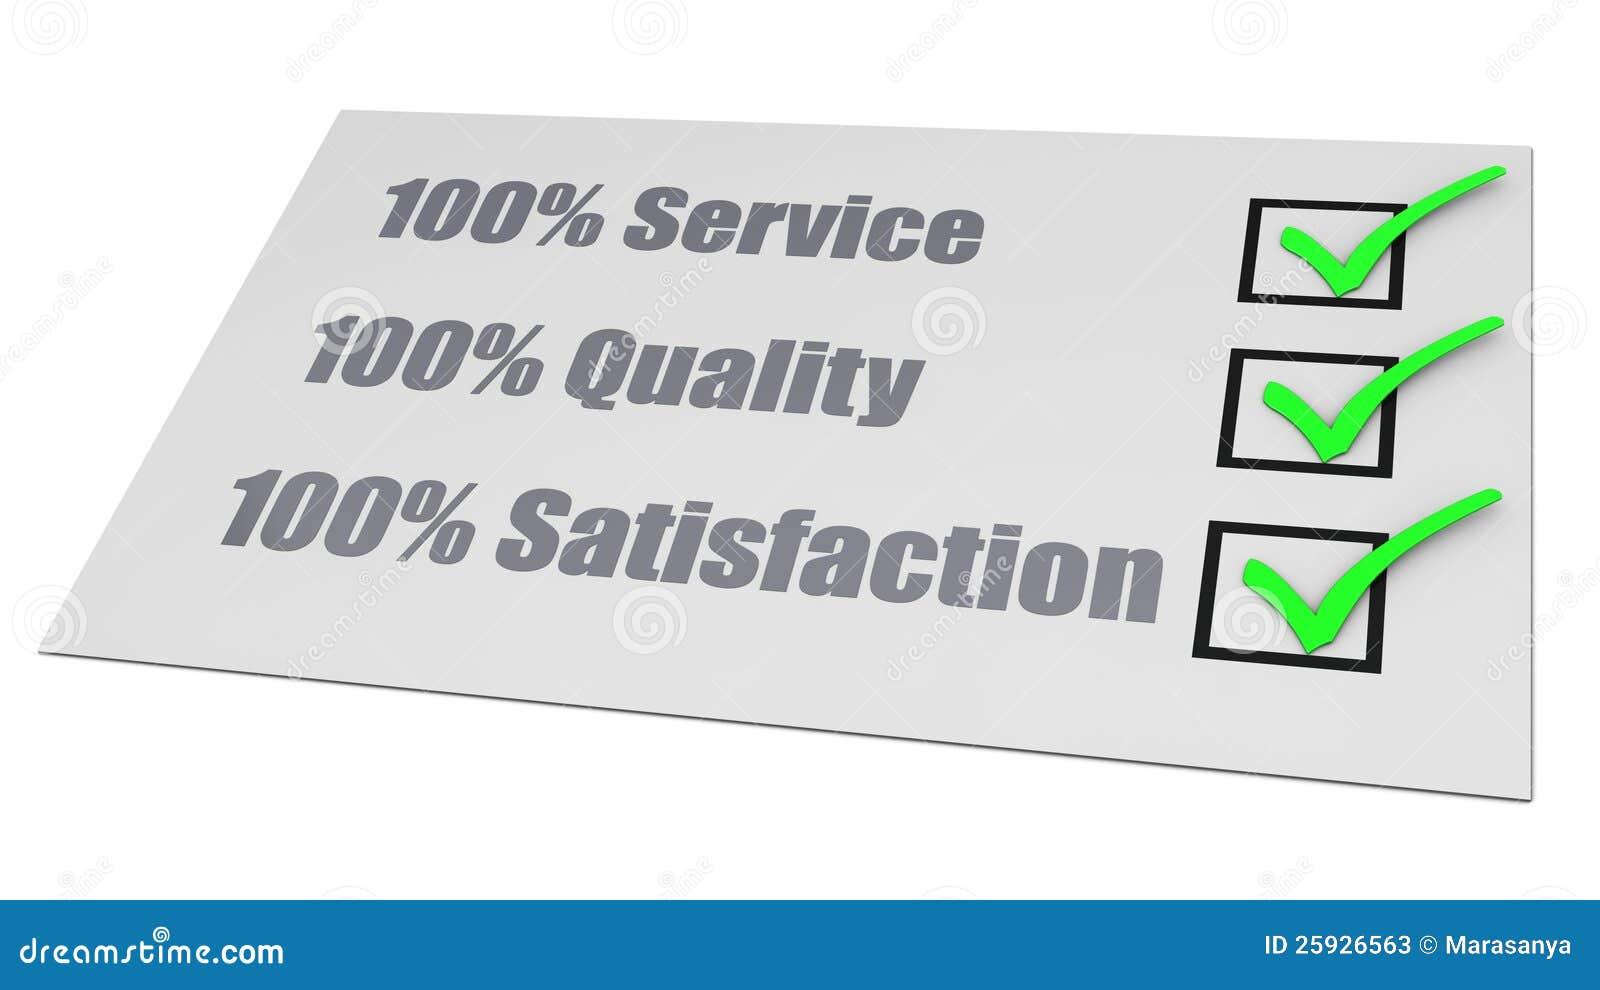 verificacion de la calidad: